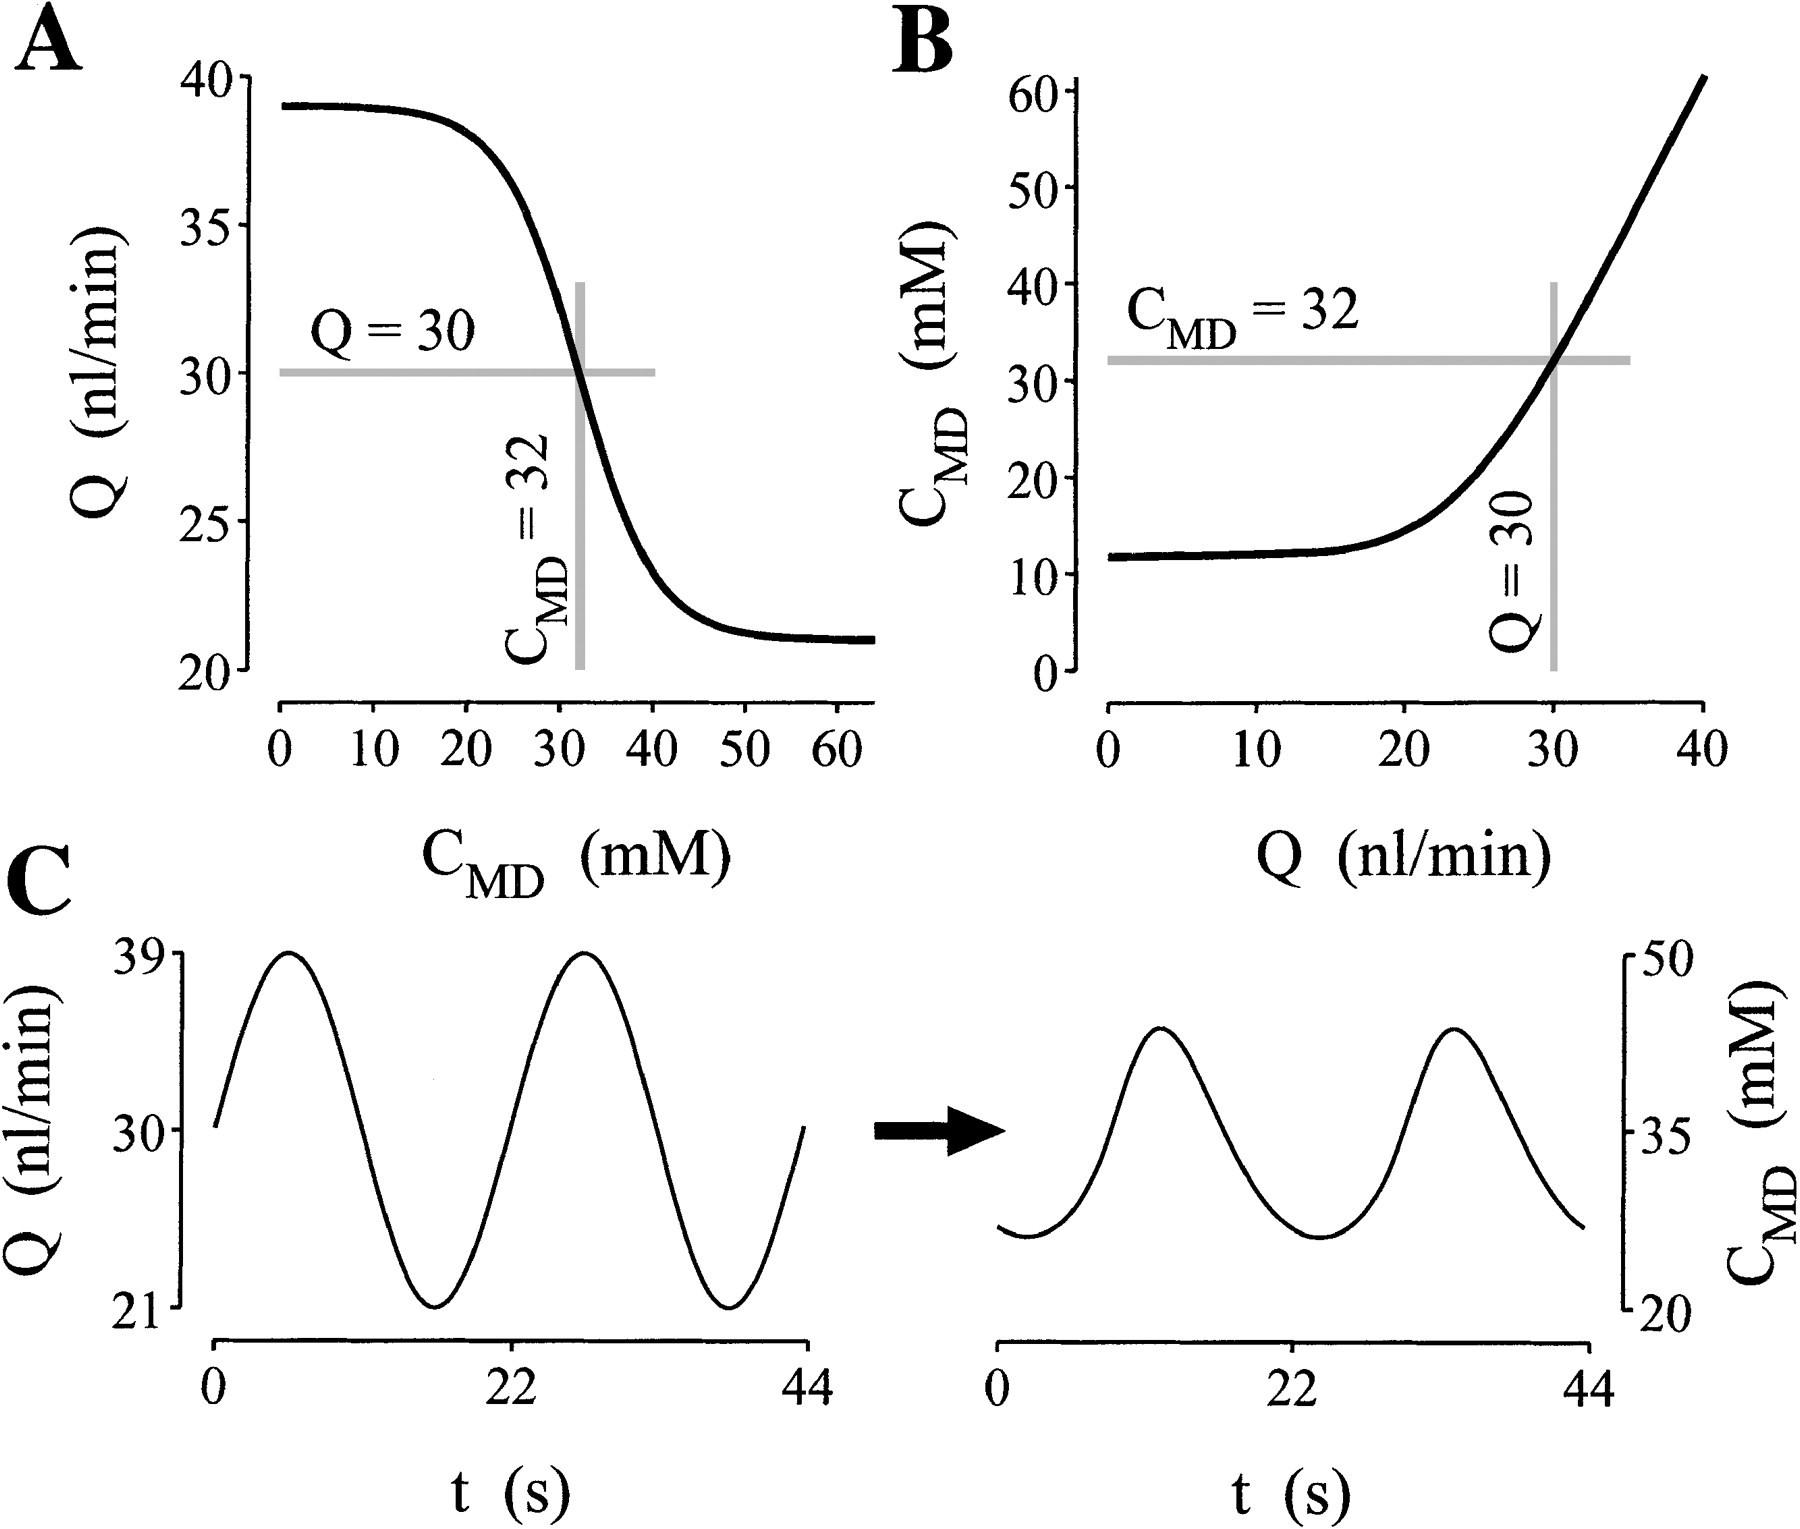 Limit Cycle Oscillations And Tubuloglomerular Feedback